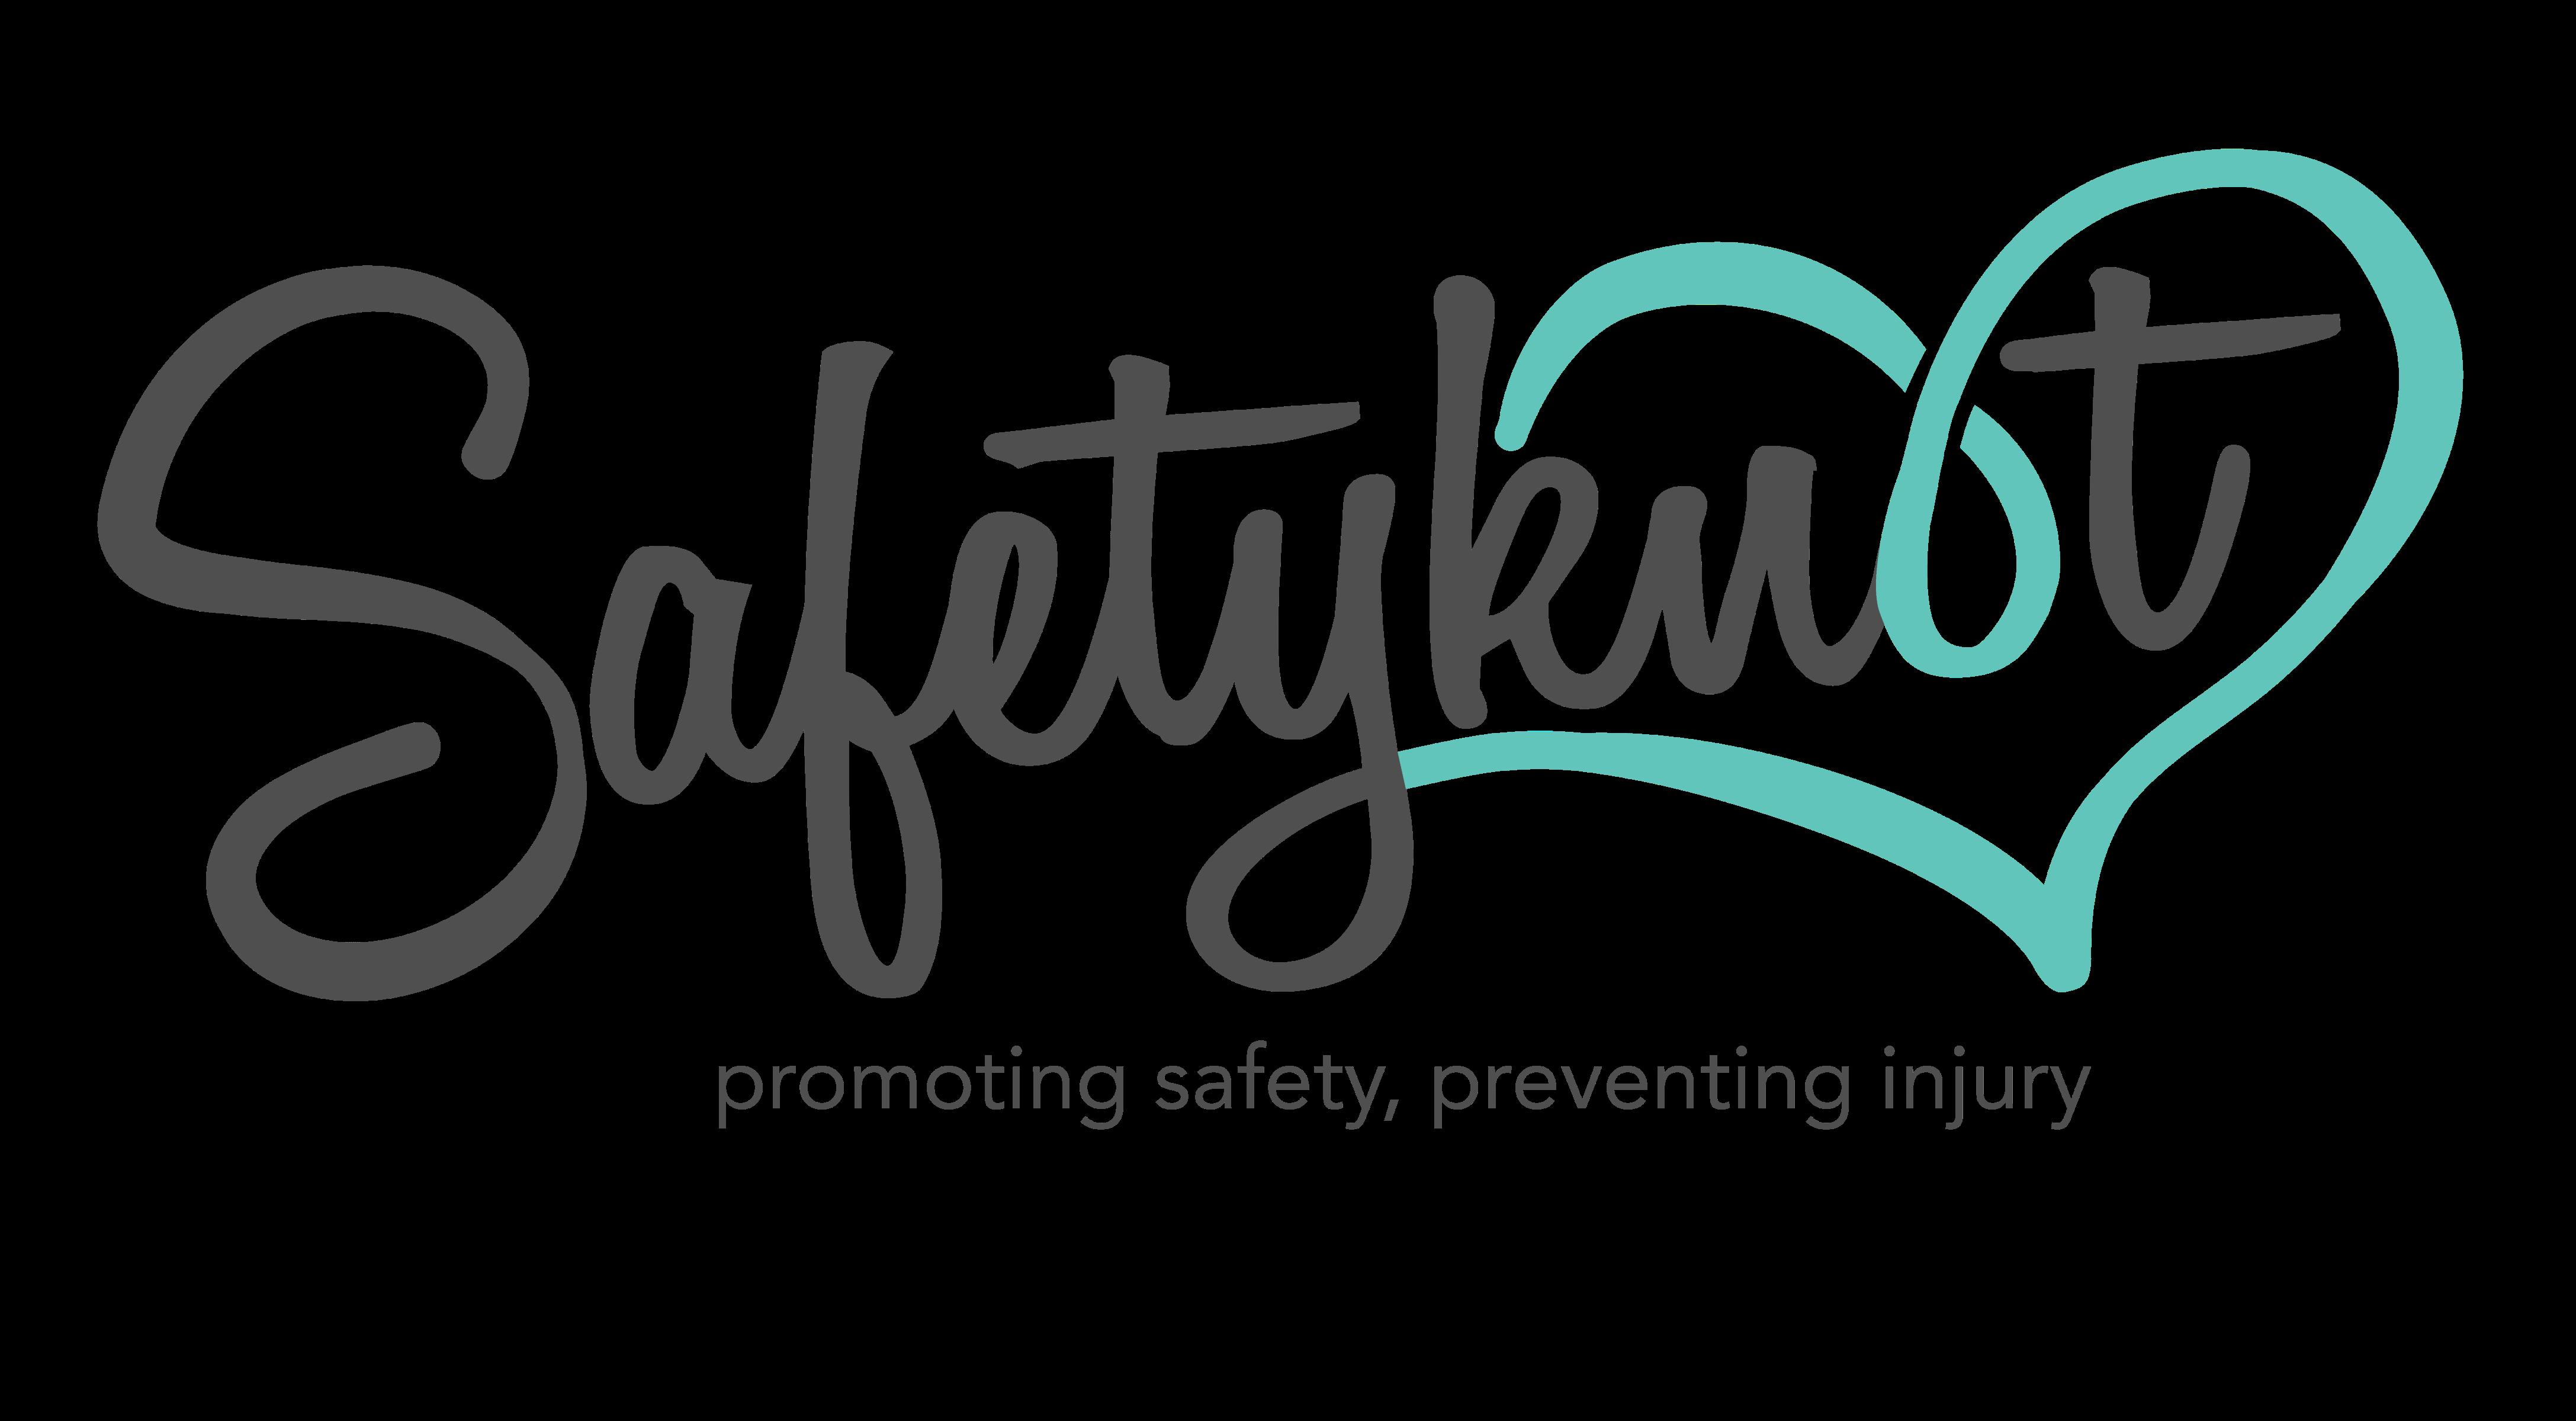 Safetyknot